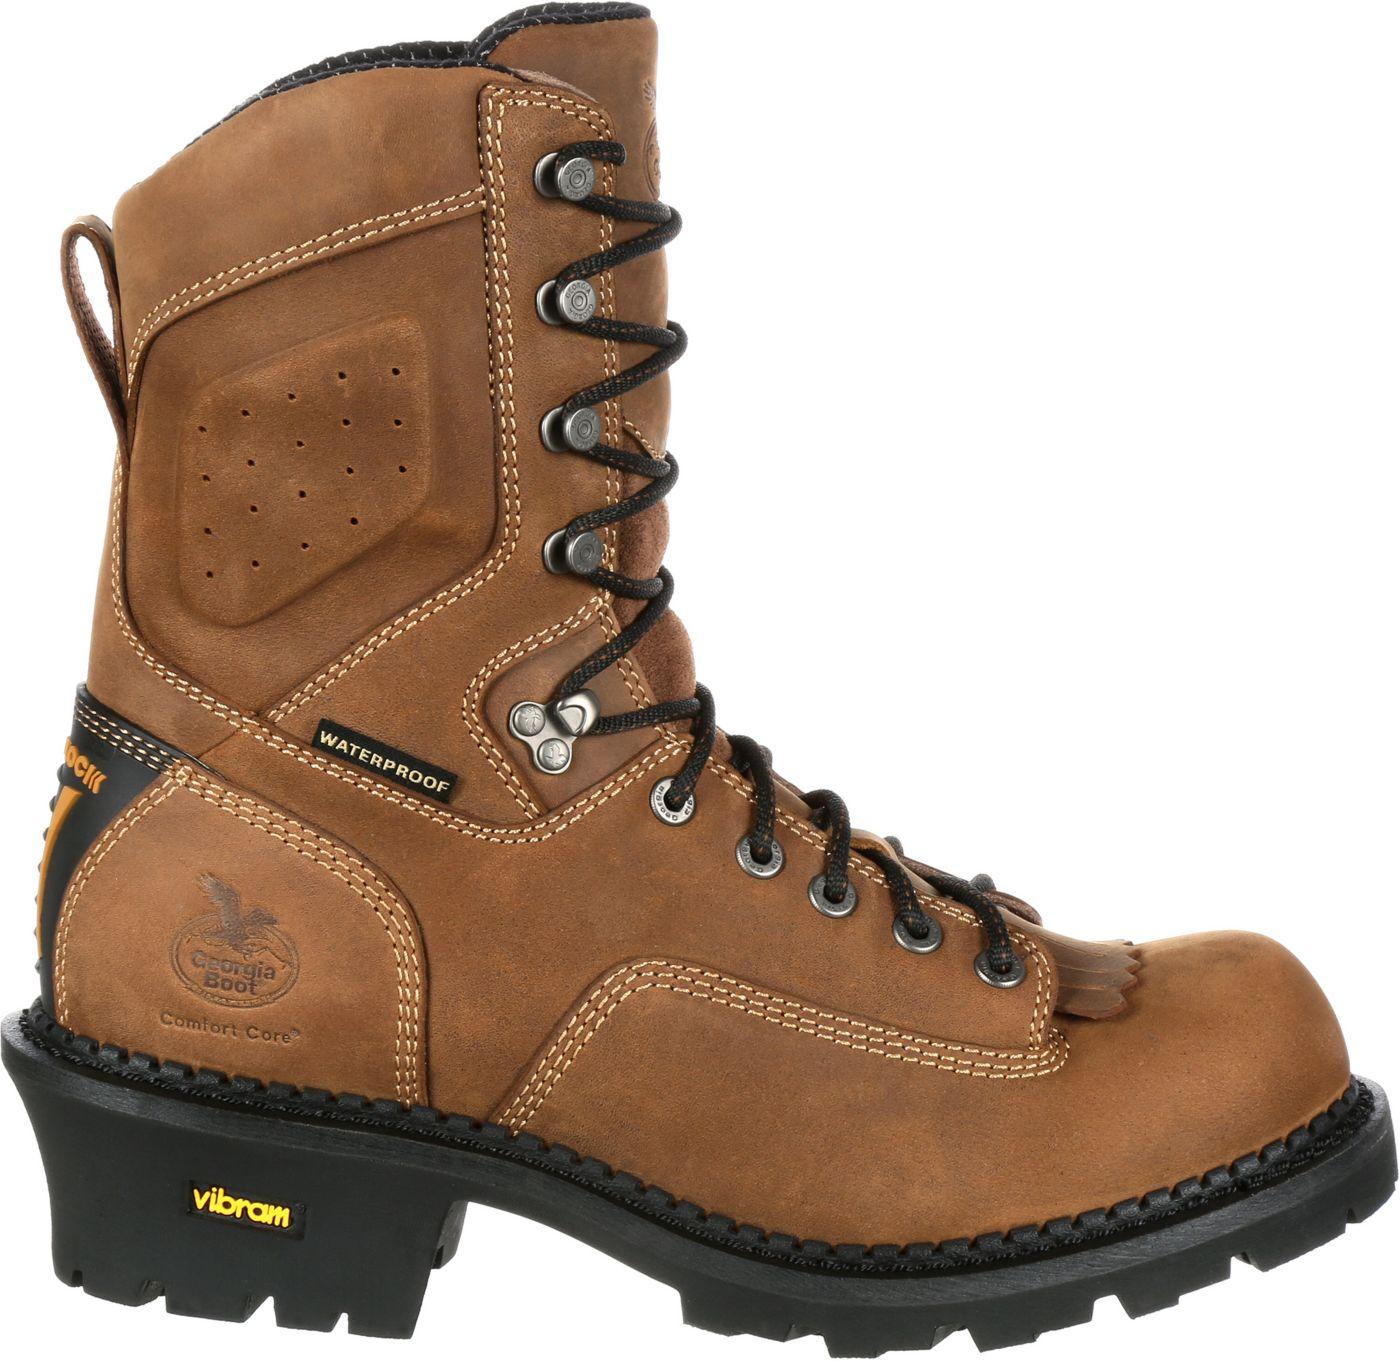 Georgia Boot Men's Comfort Core 400g Waterproof EH Composite Toe Work Boots